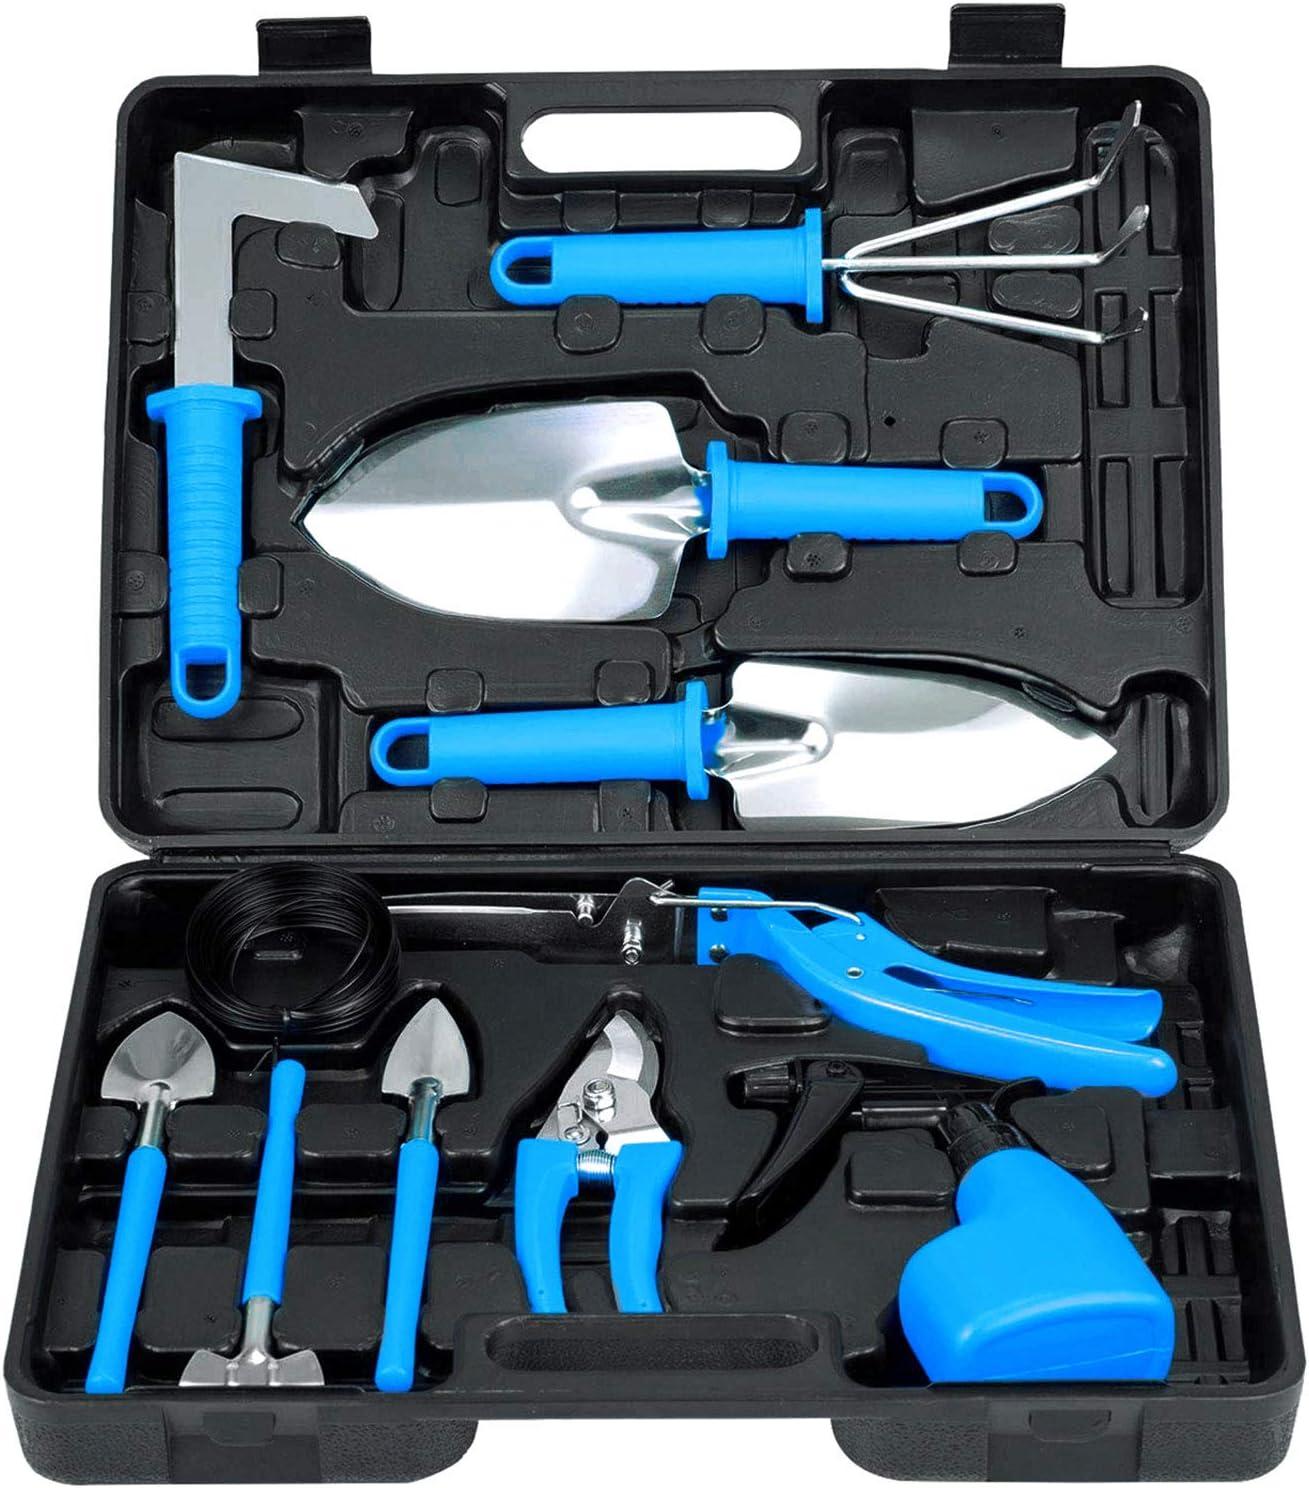 Lelekey Garden Tool Set, 12 Piece Stainless Steel Hand Tool Kit with Shovel Rake Weeder Pruner Shear Sprayer & Carrying Case, Gardening for Men,Women Gardener & Plant Lover (Blue)